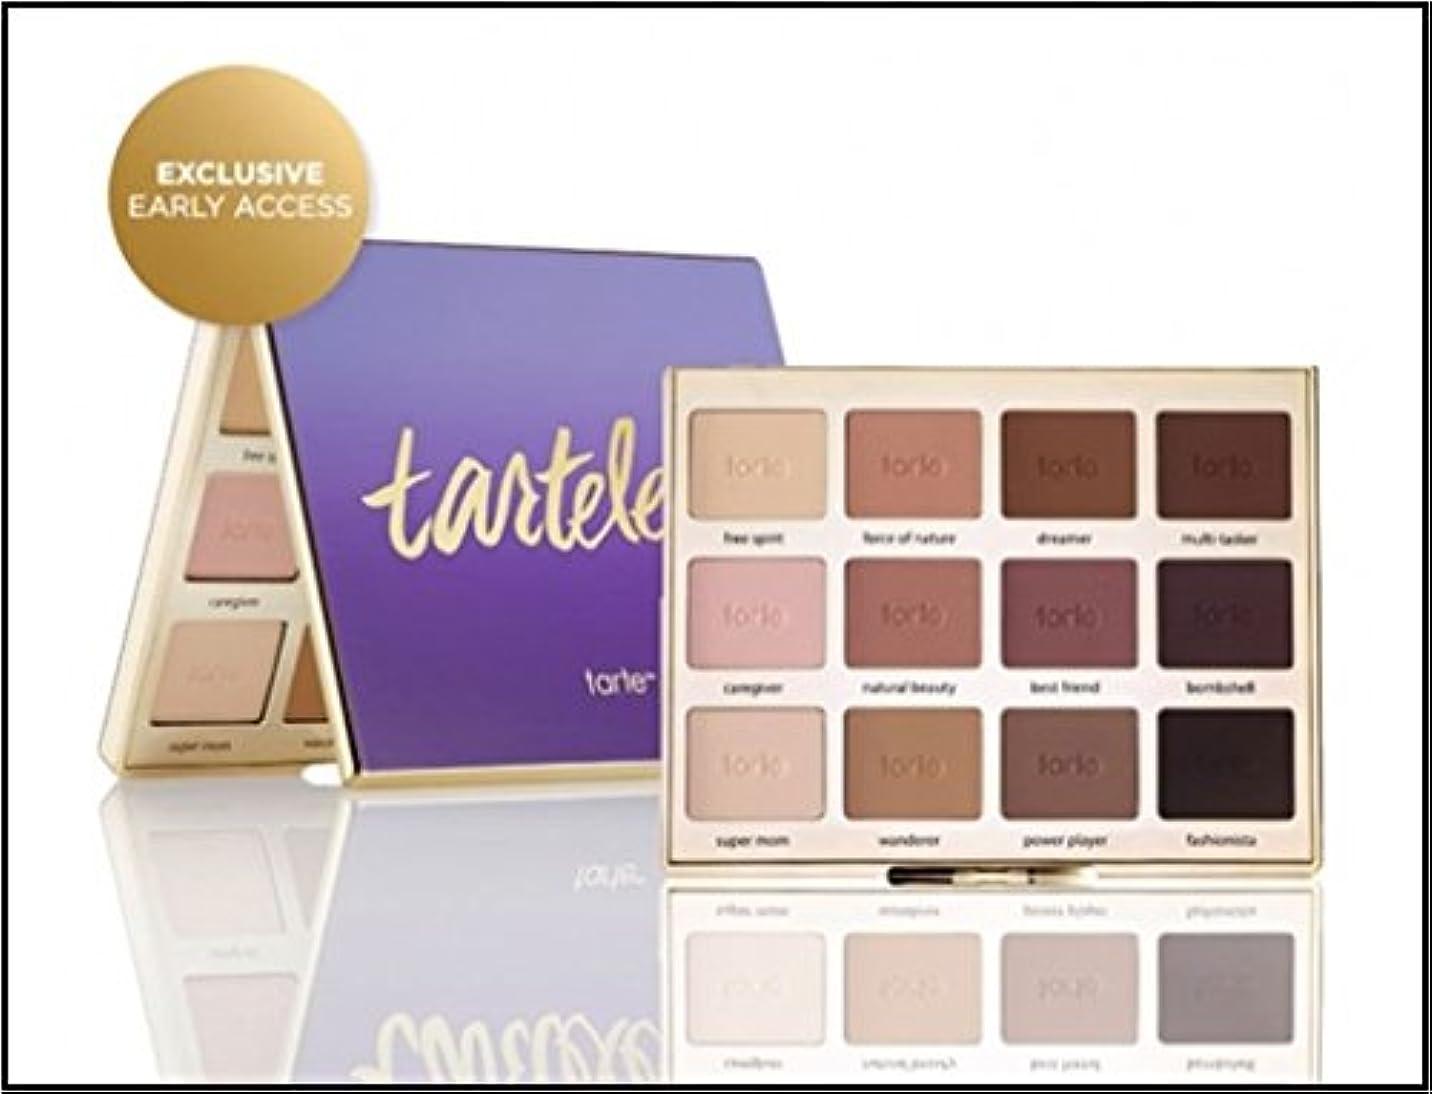 シリアル許可ペチュランスTarte Tartelettonian Clay Matte Eyeshadow Palette (Limited Edition) タルト マットアイシャドーパレット [並行輸入品]e Amaz